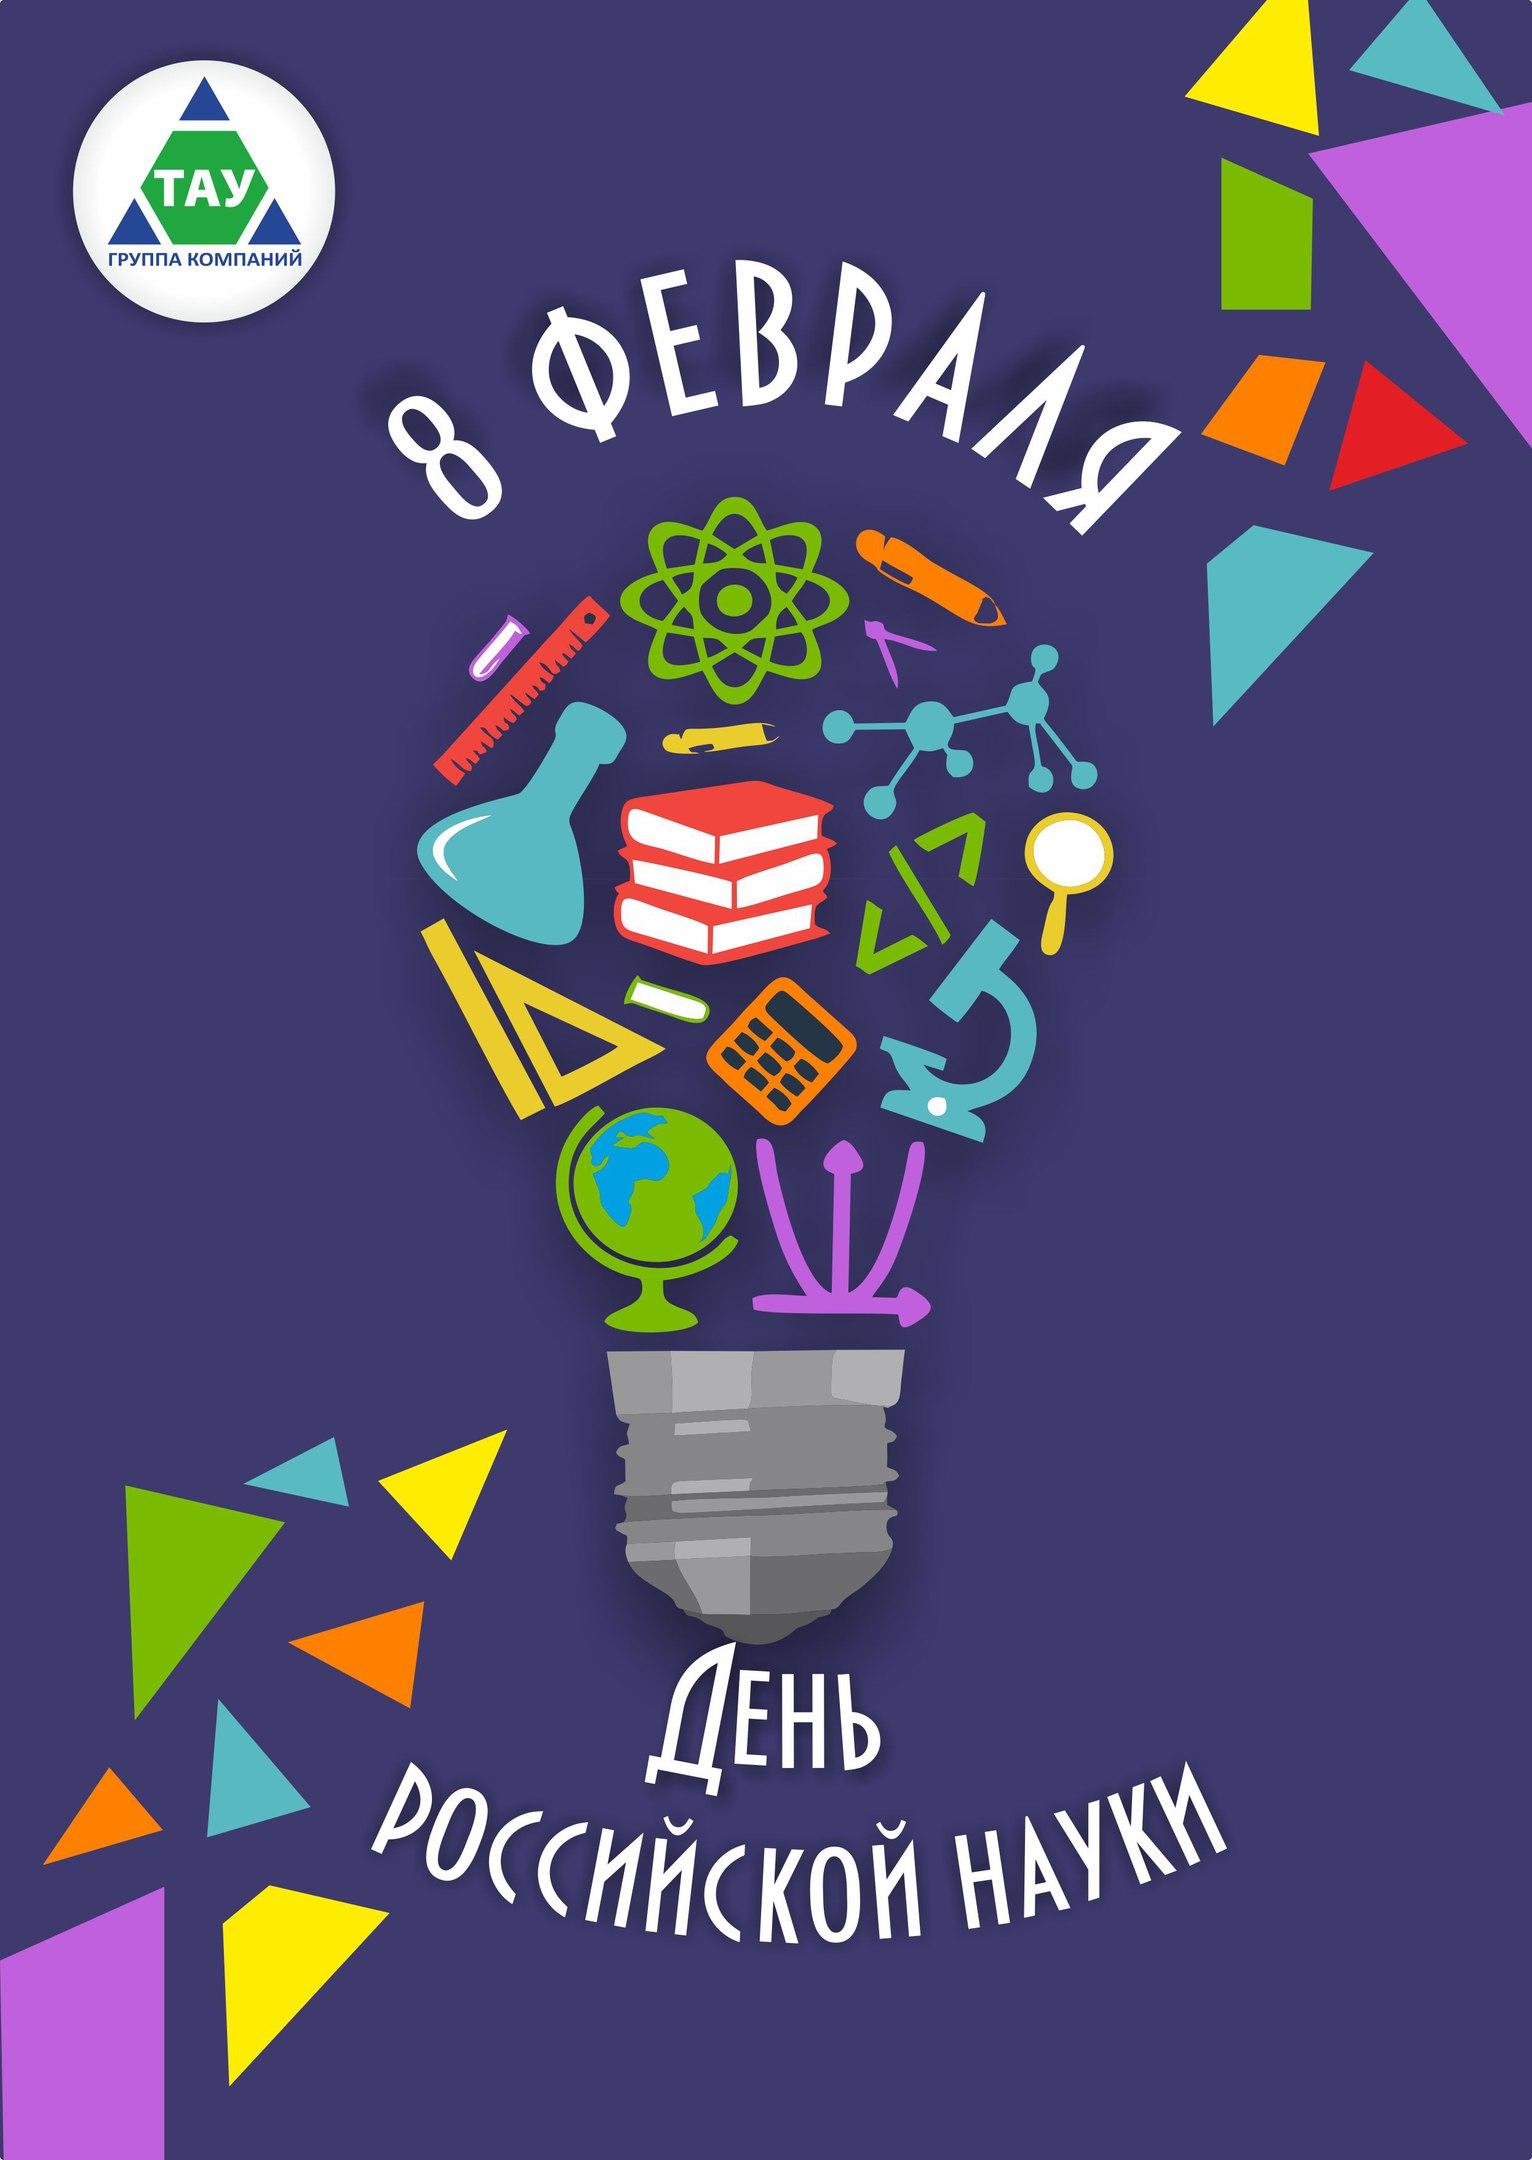 баннер день российской науки бесплатно широкоформатные обои